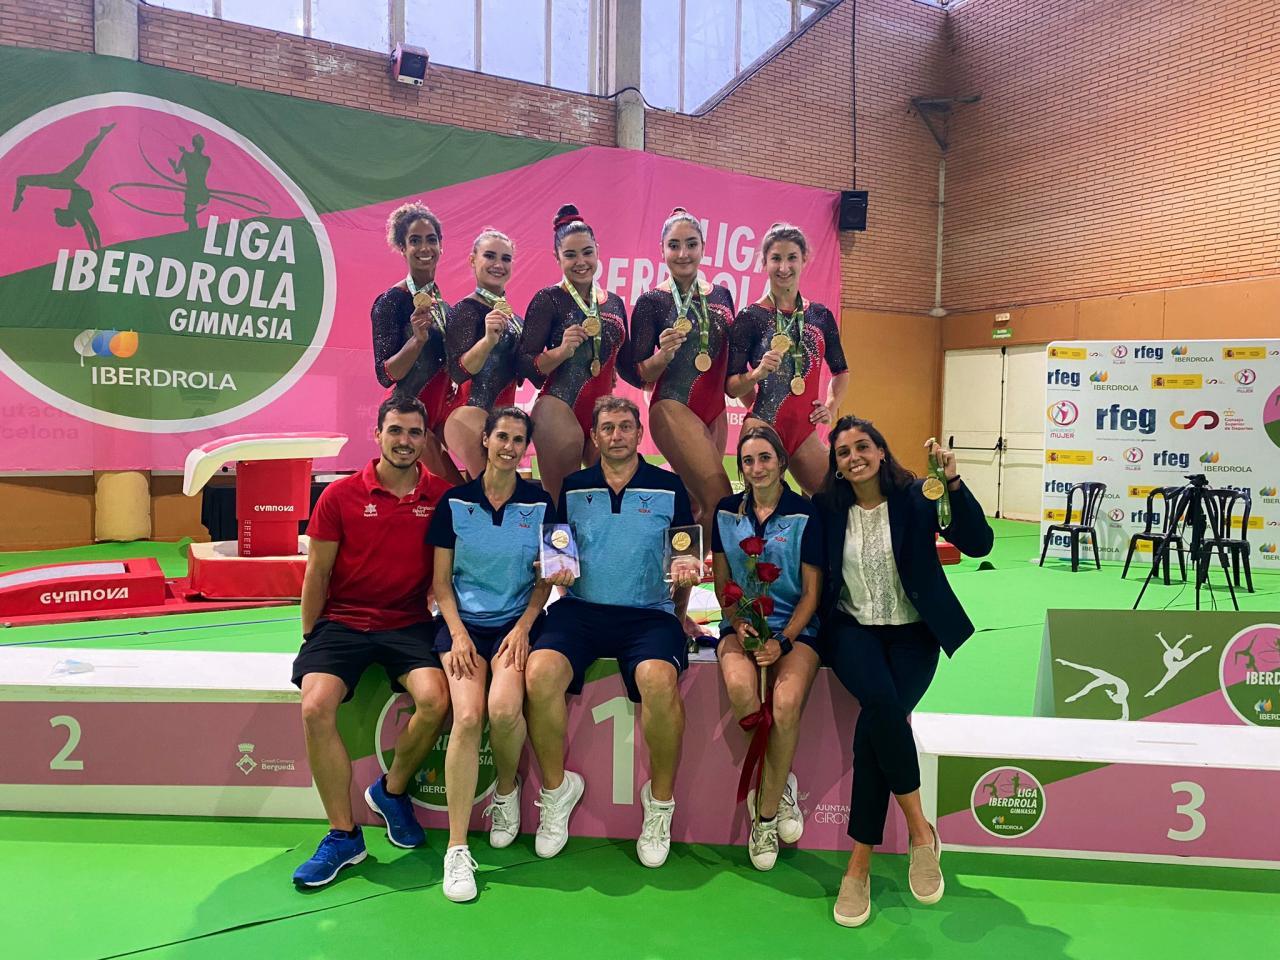 El Xelska manda con autoridad en el inicio de la Liga Iberdrola de gimnasia